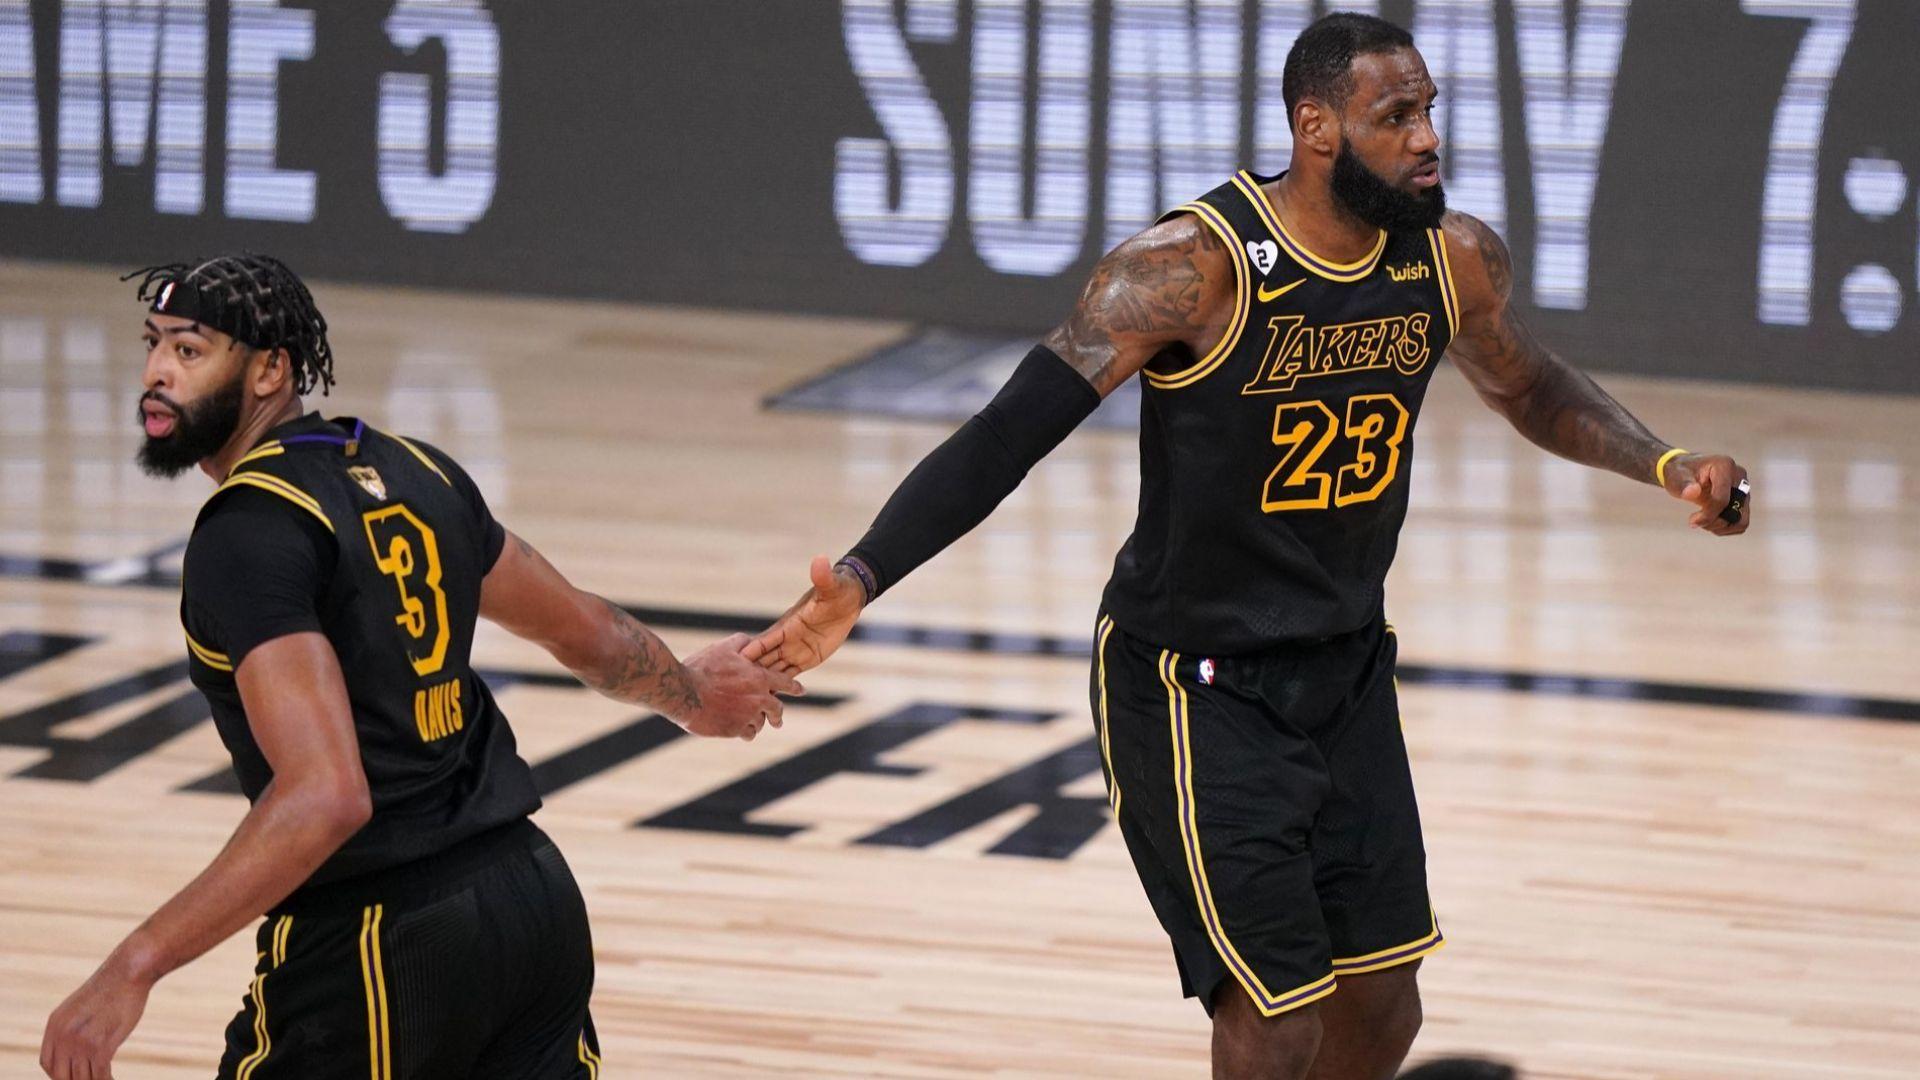 Играчите гласуваха и вече е ясно кога започва новият сезон в НБА